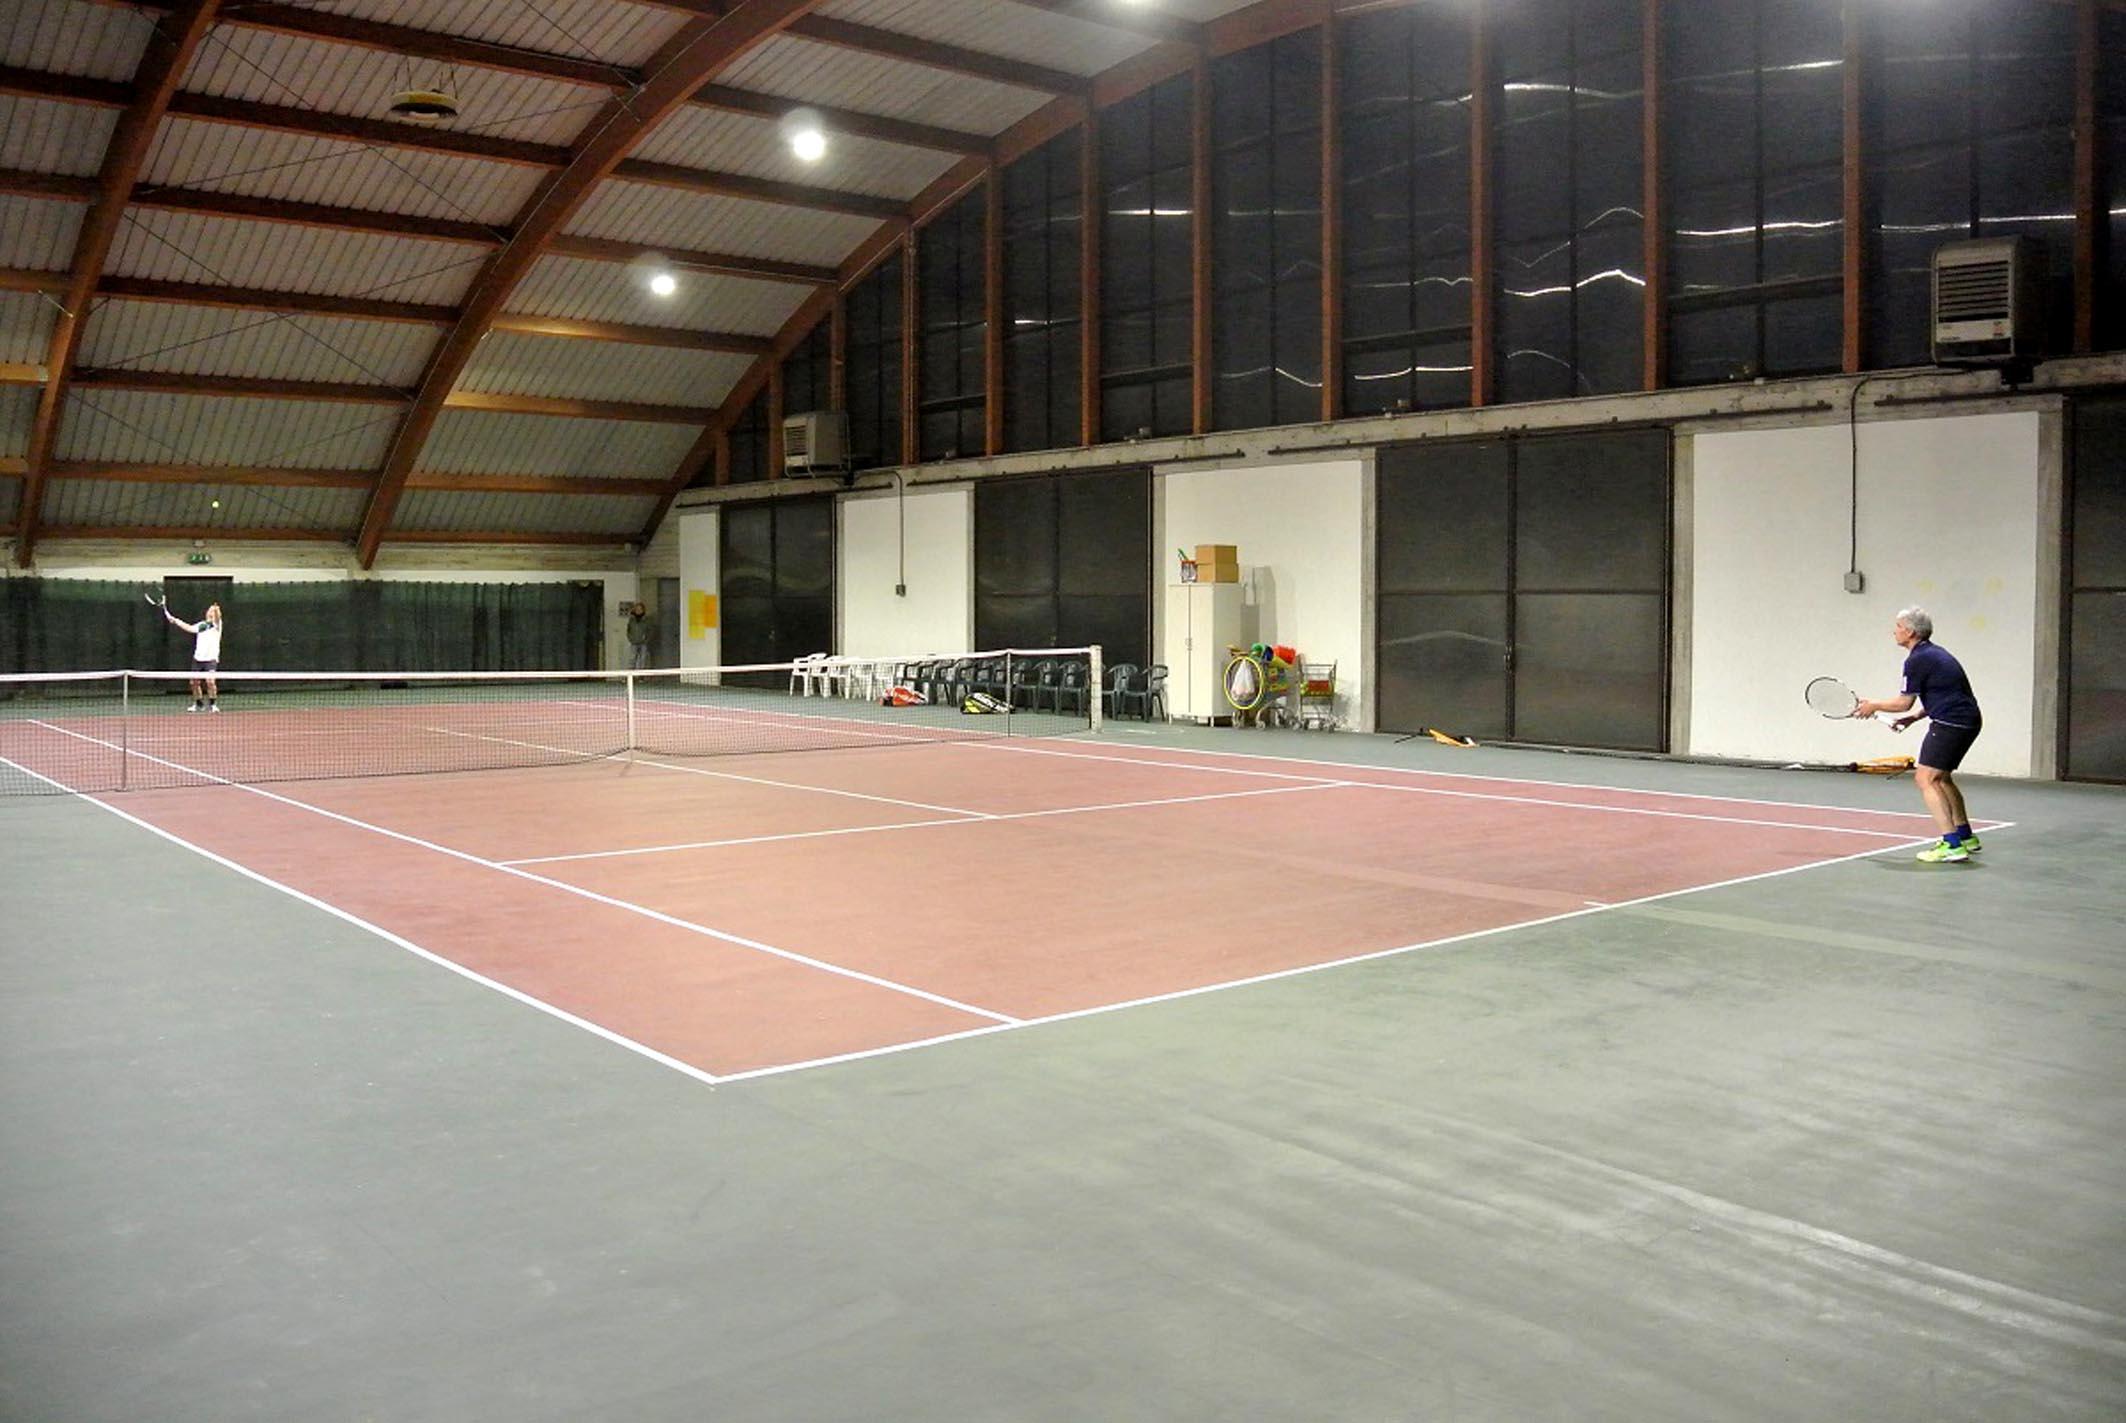 Reggiolo u2013 nuovo impianto di illuminazione per il campo da tennis